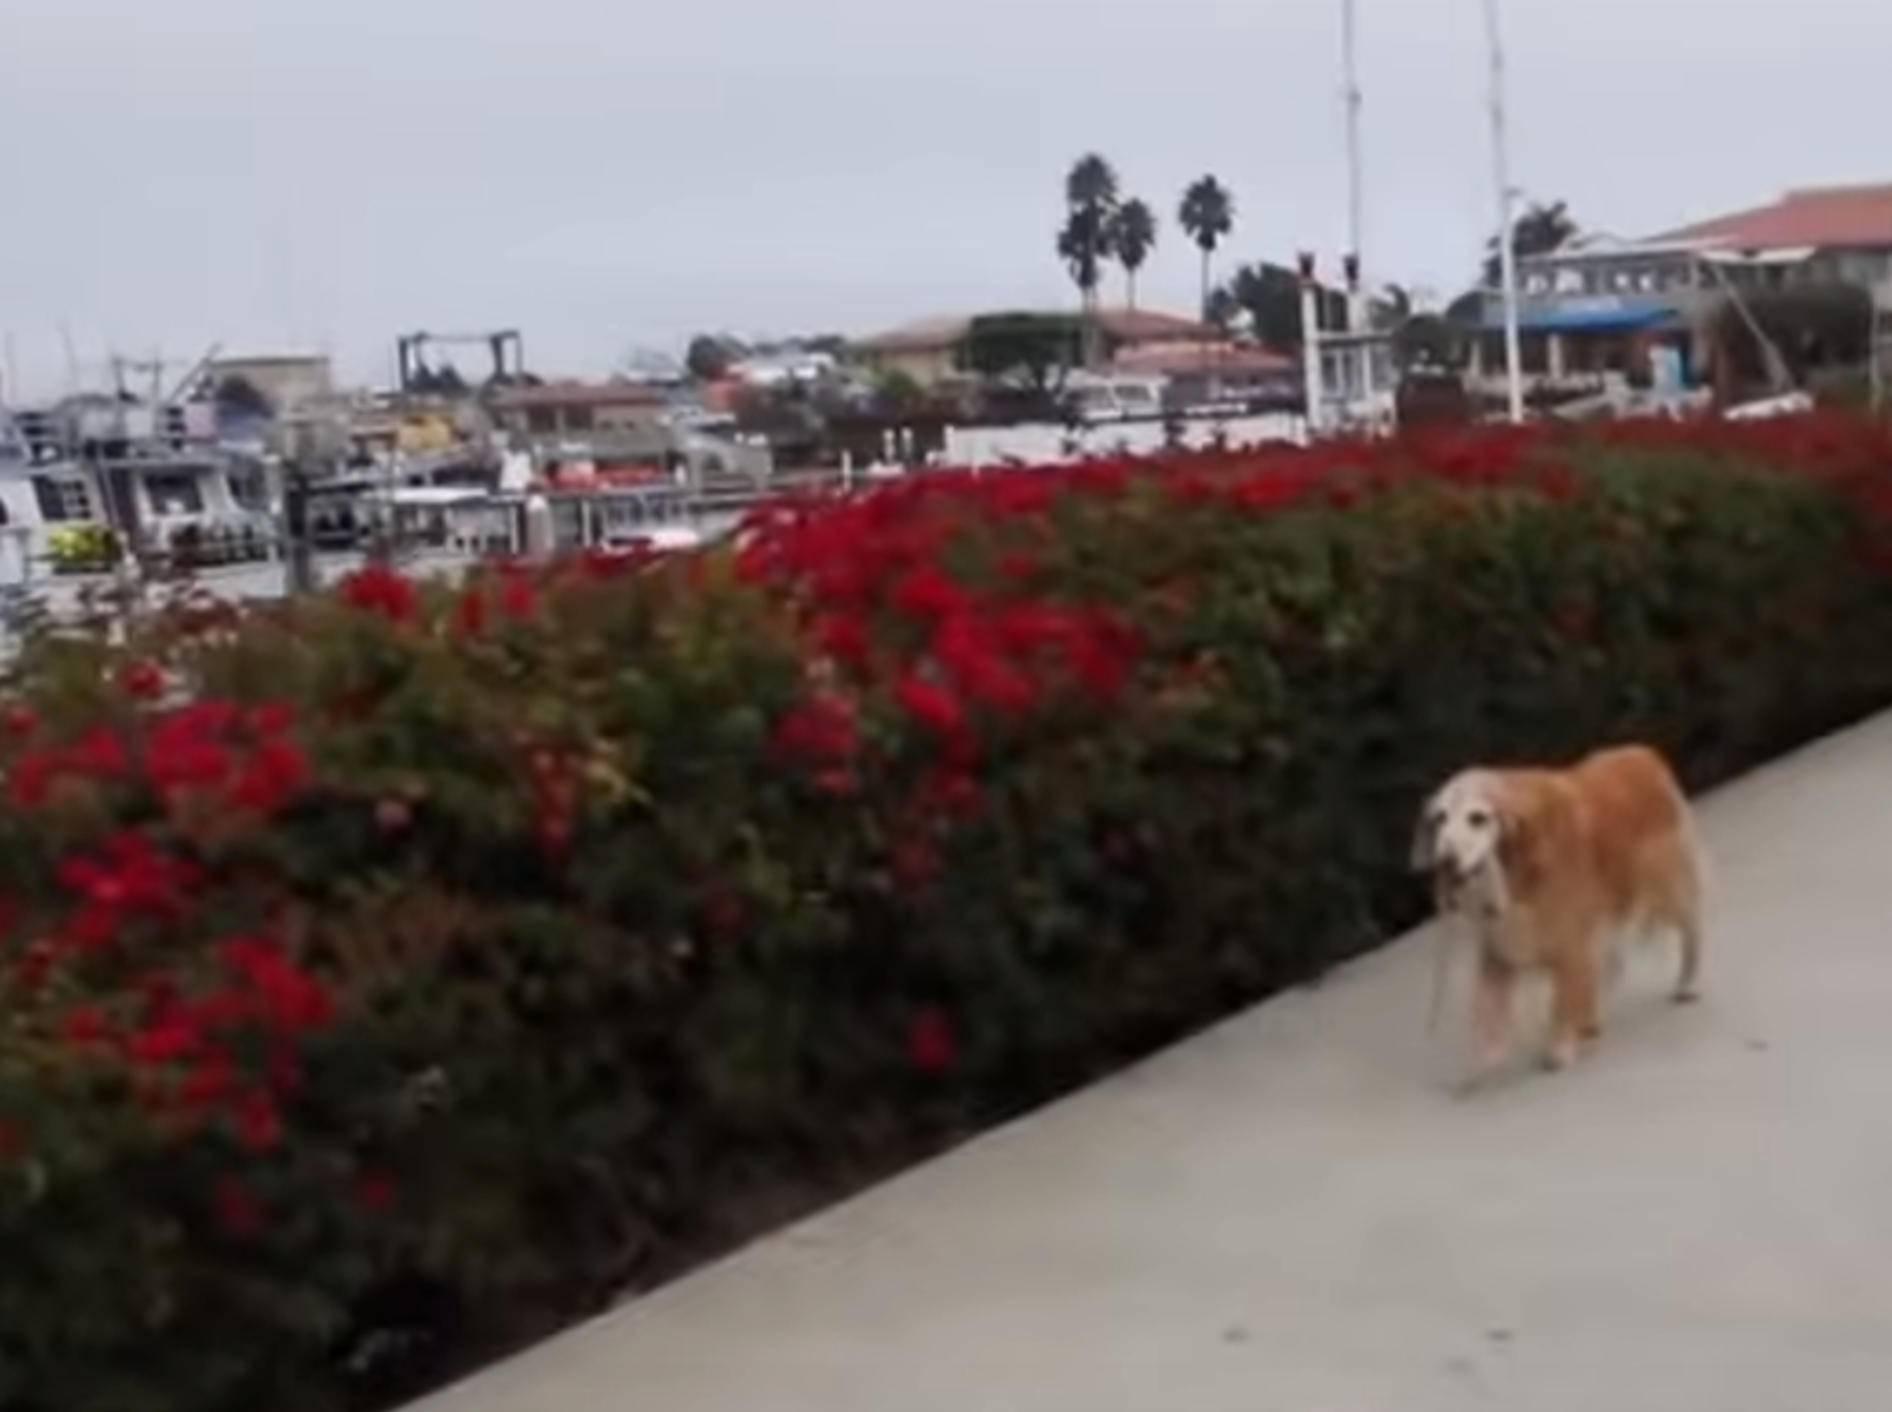 Selbst ist der Hund: Wenn Vierbeiner unabhängig werden – Bild: YouTube / The Dodo